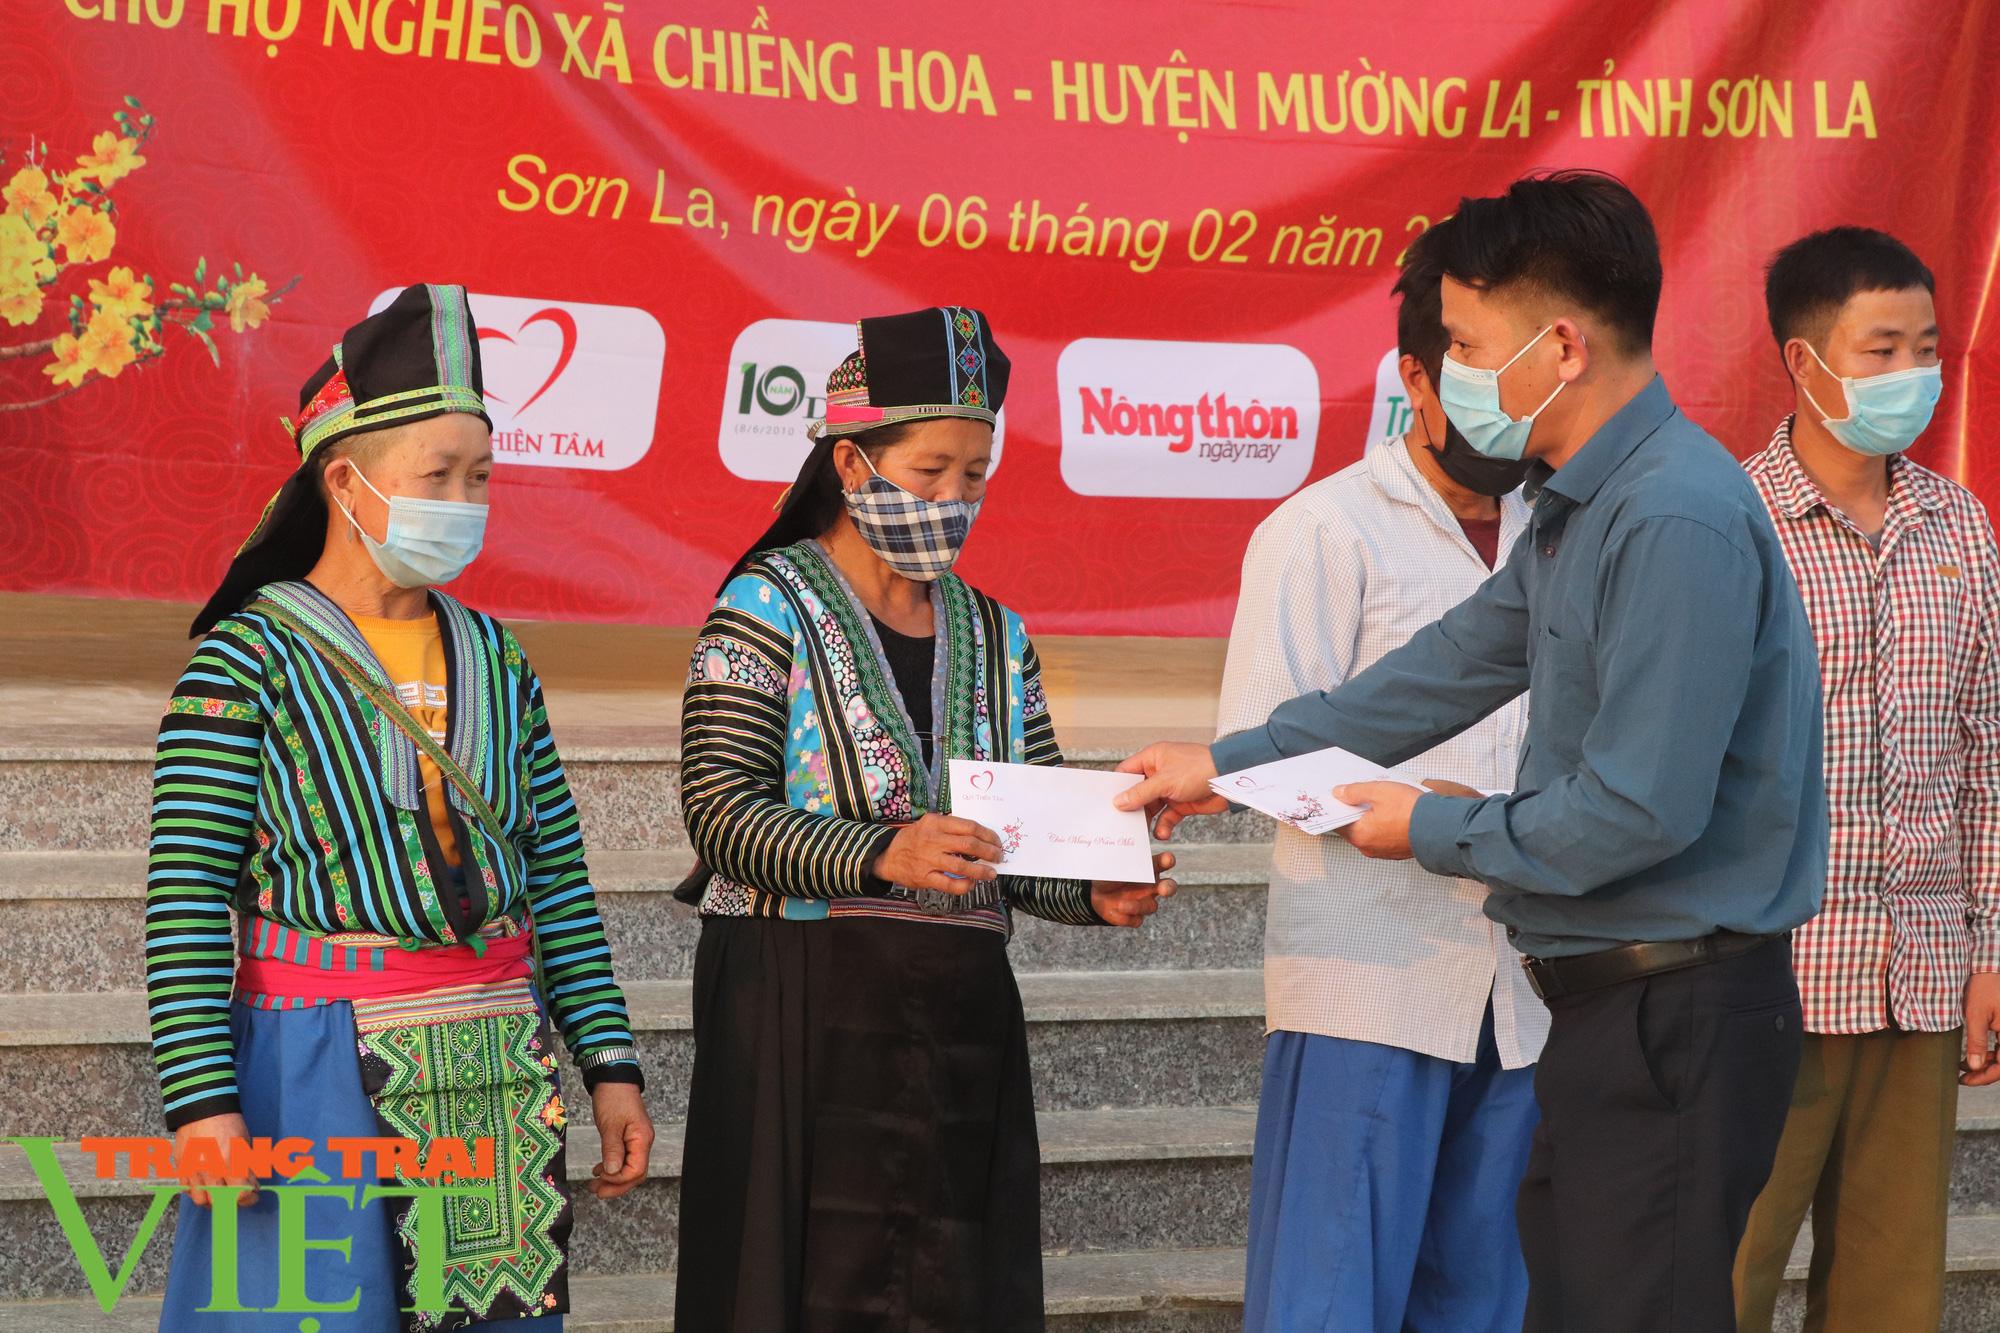 Báo NTNN/Dân Việt/Trang Trại Việt chung tay lo tết với nông dân nghèo Sơn La  - Ảnh 4.